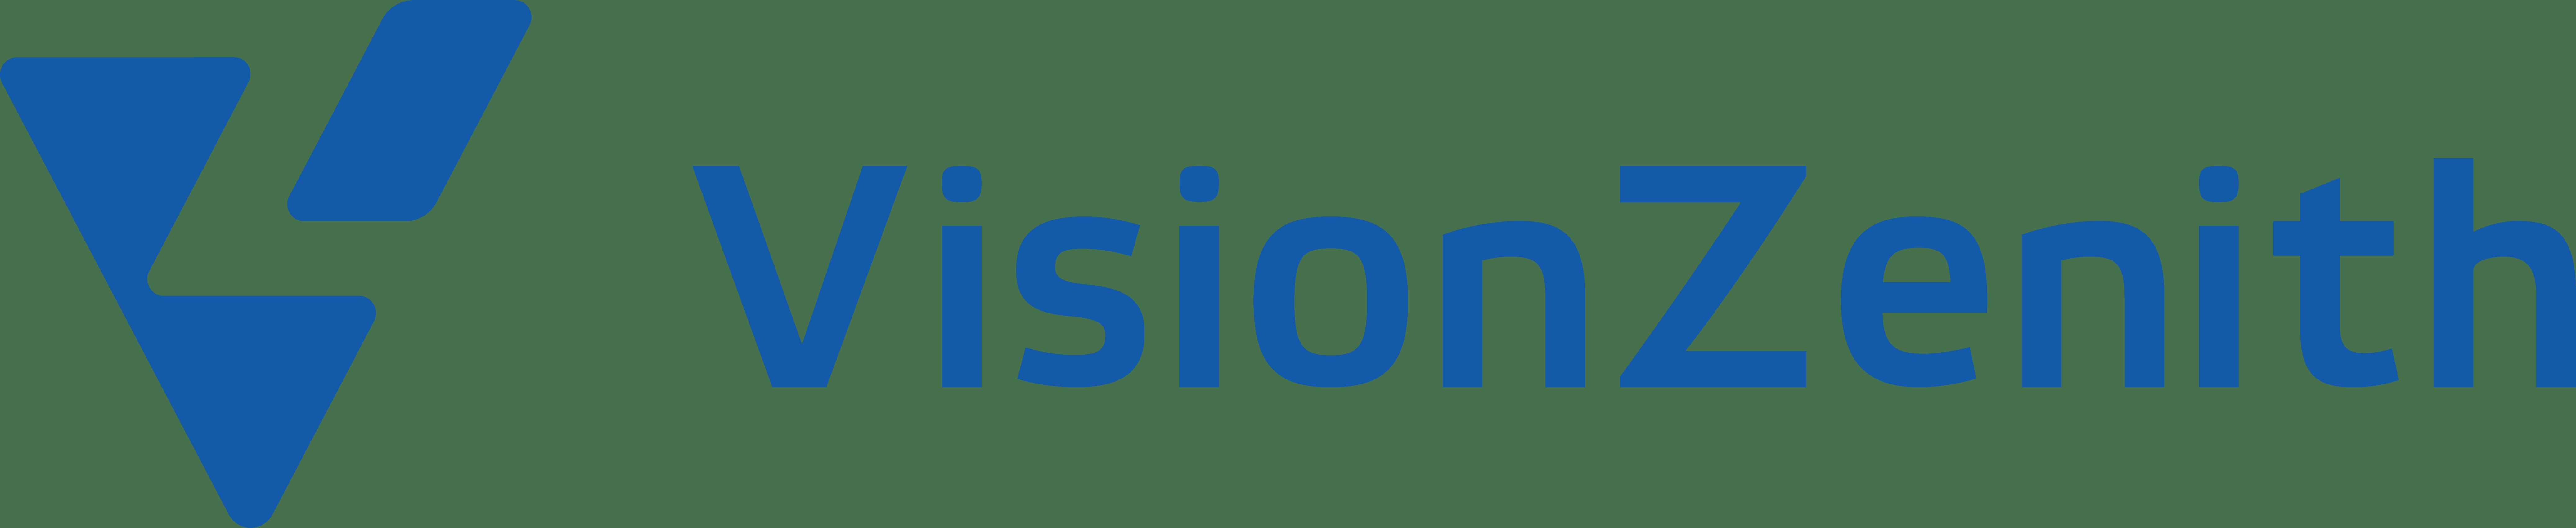 臻识科技VisionZenith|智慧城市智能化视觉解决方案引领者